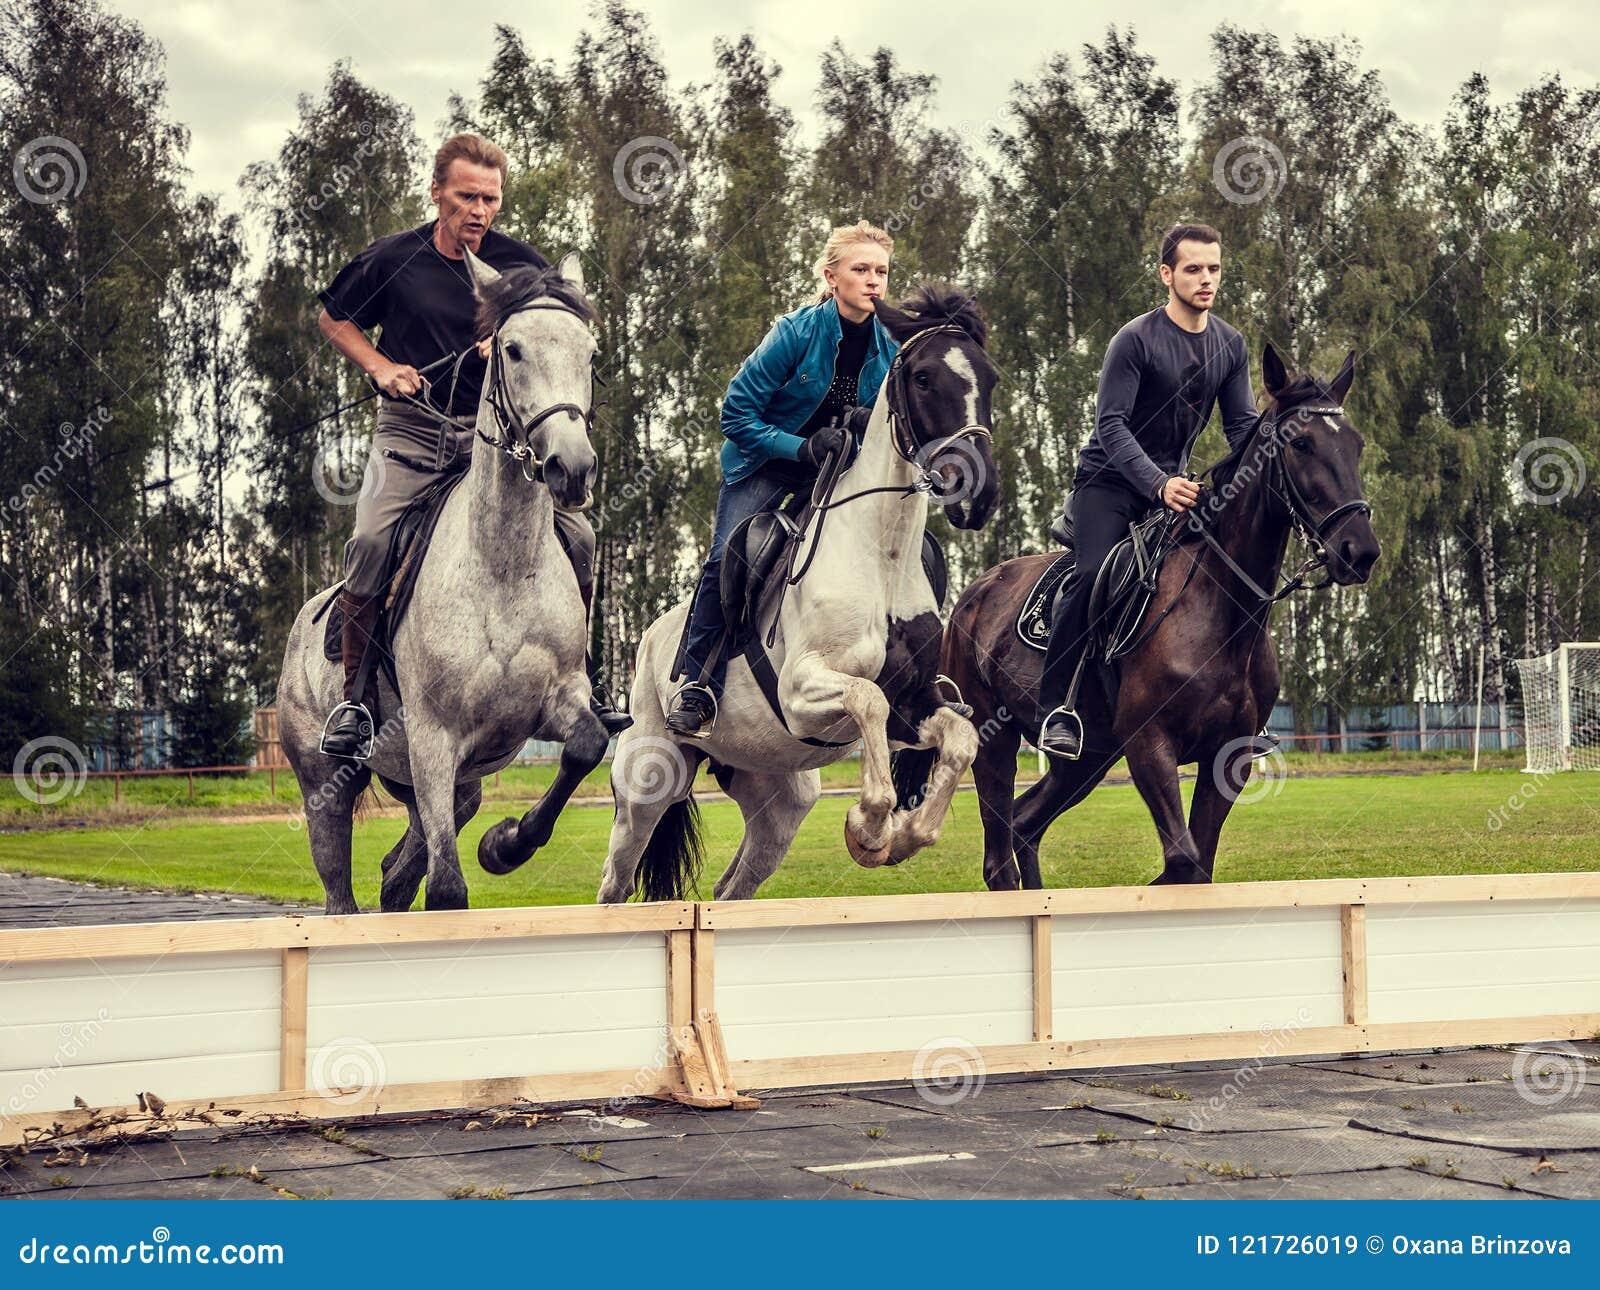 23 08 Mostra 2017 da região de Smolensk que salta no festival Três cavaleiros que saltam a cavalo synchronously sobre um obstácul